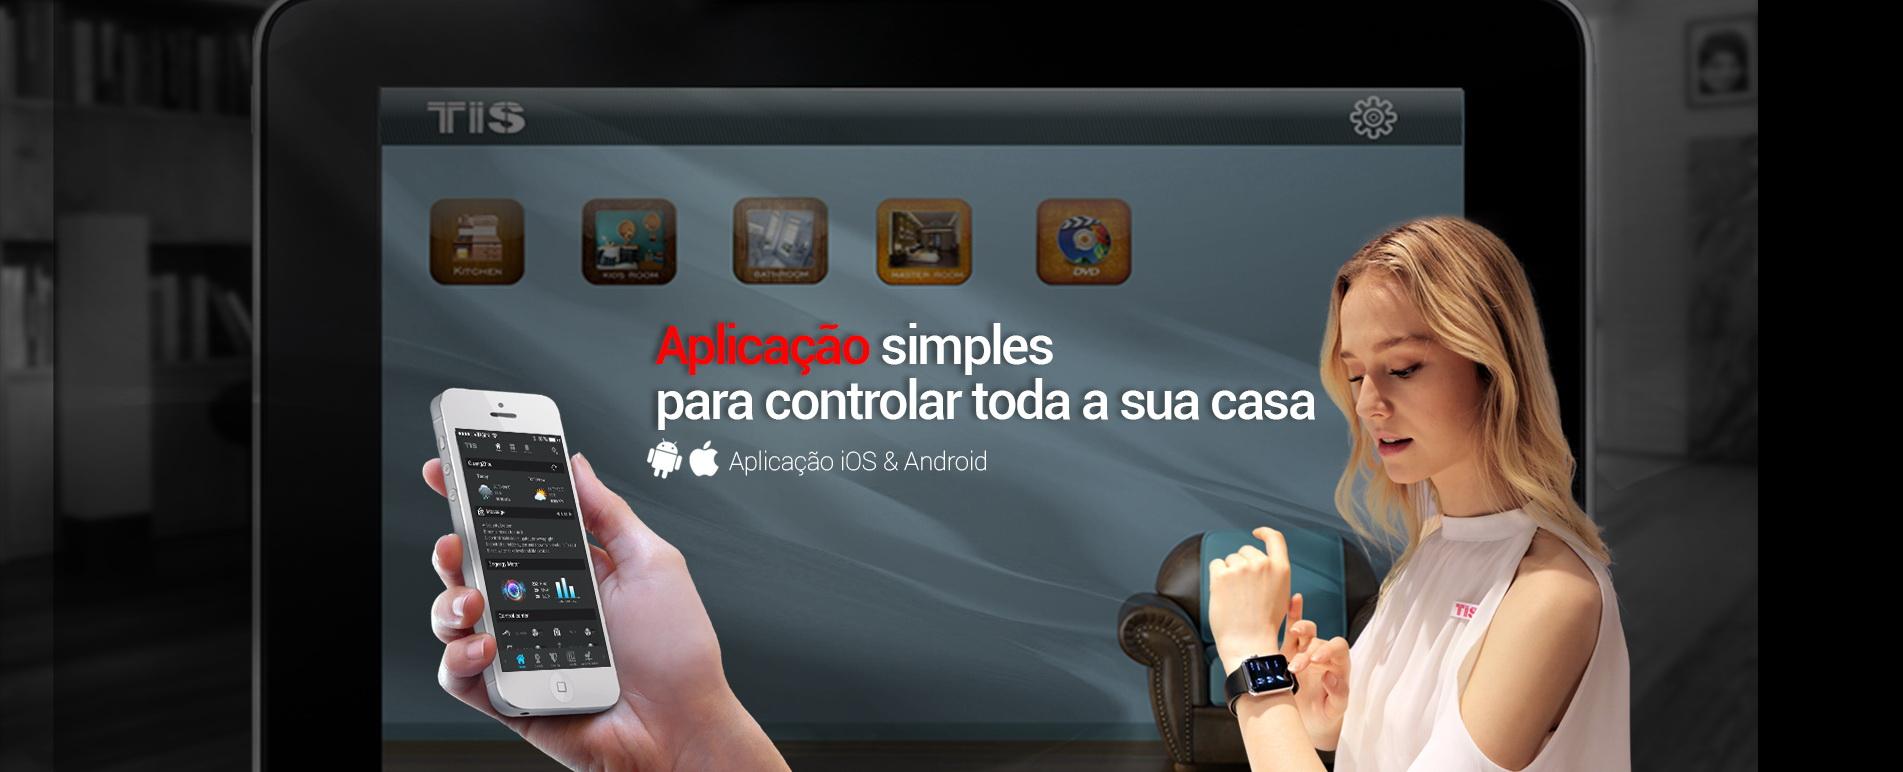 Controle a sua smart home – com a aplicação de relógio Apple TIS